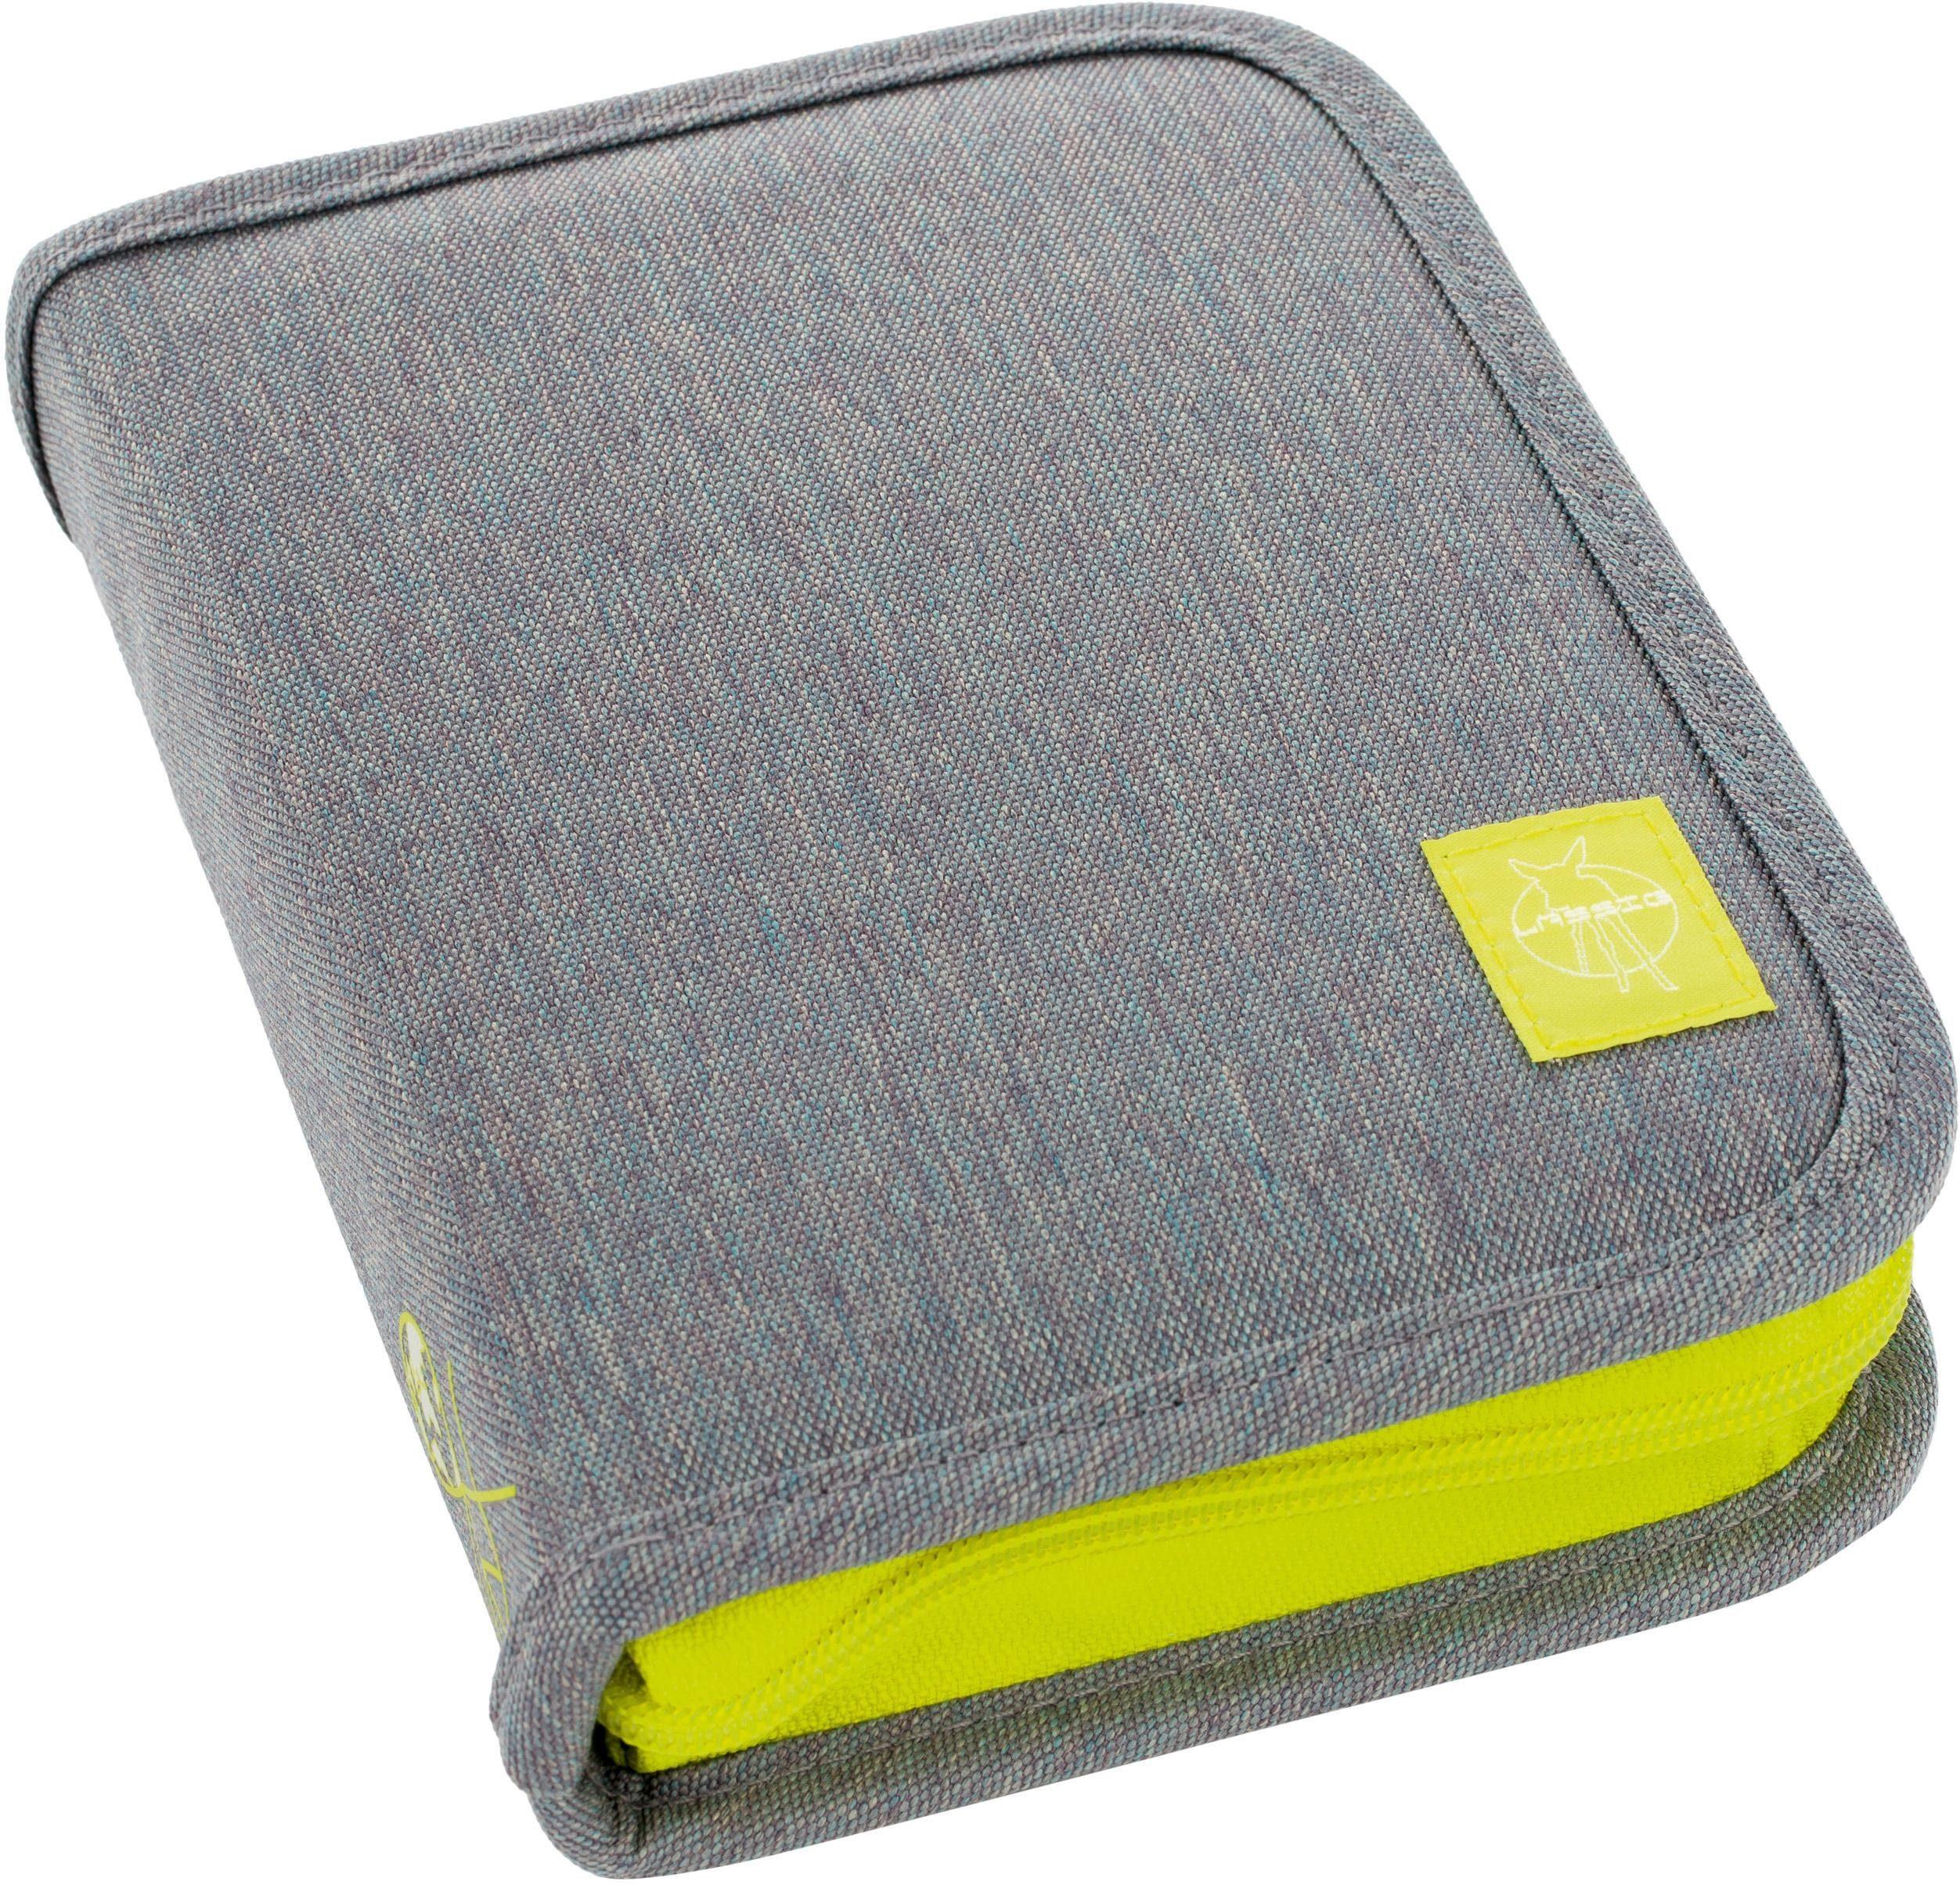 Lässig Federmäppchen, gefüllt, »4Kids School Pencil Case Big, Mélange Grey«